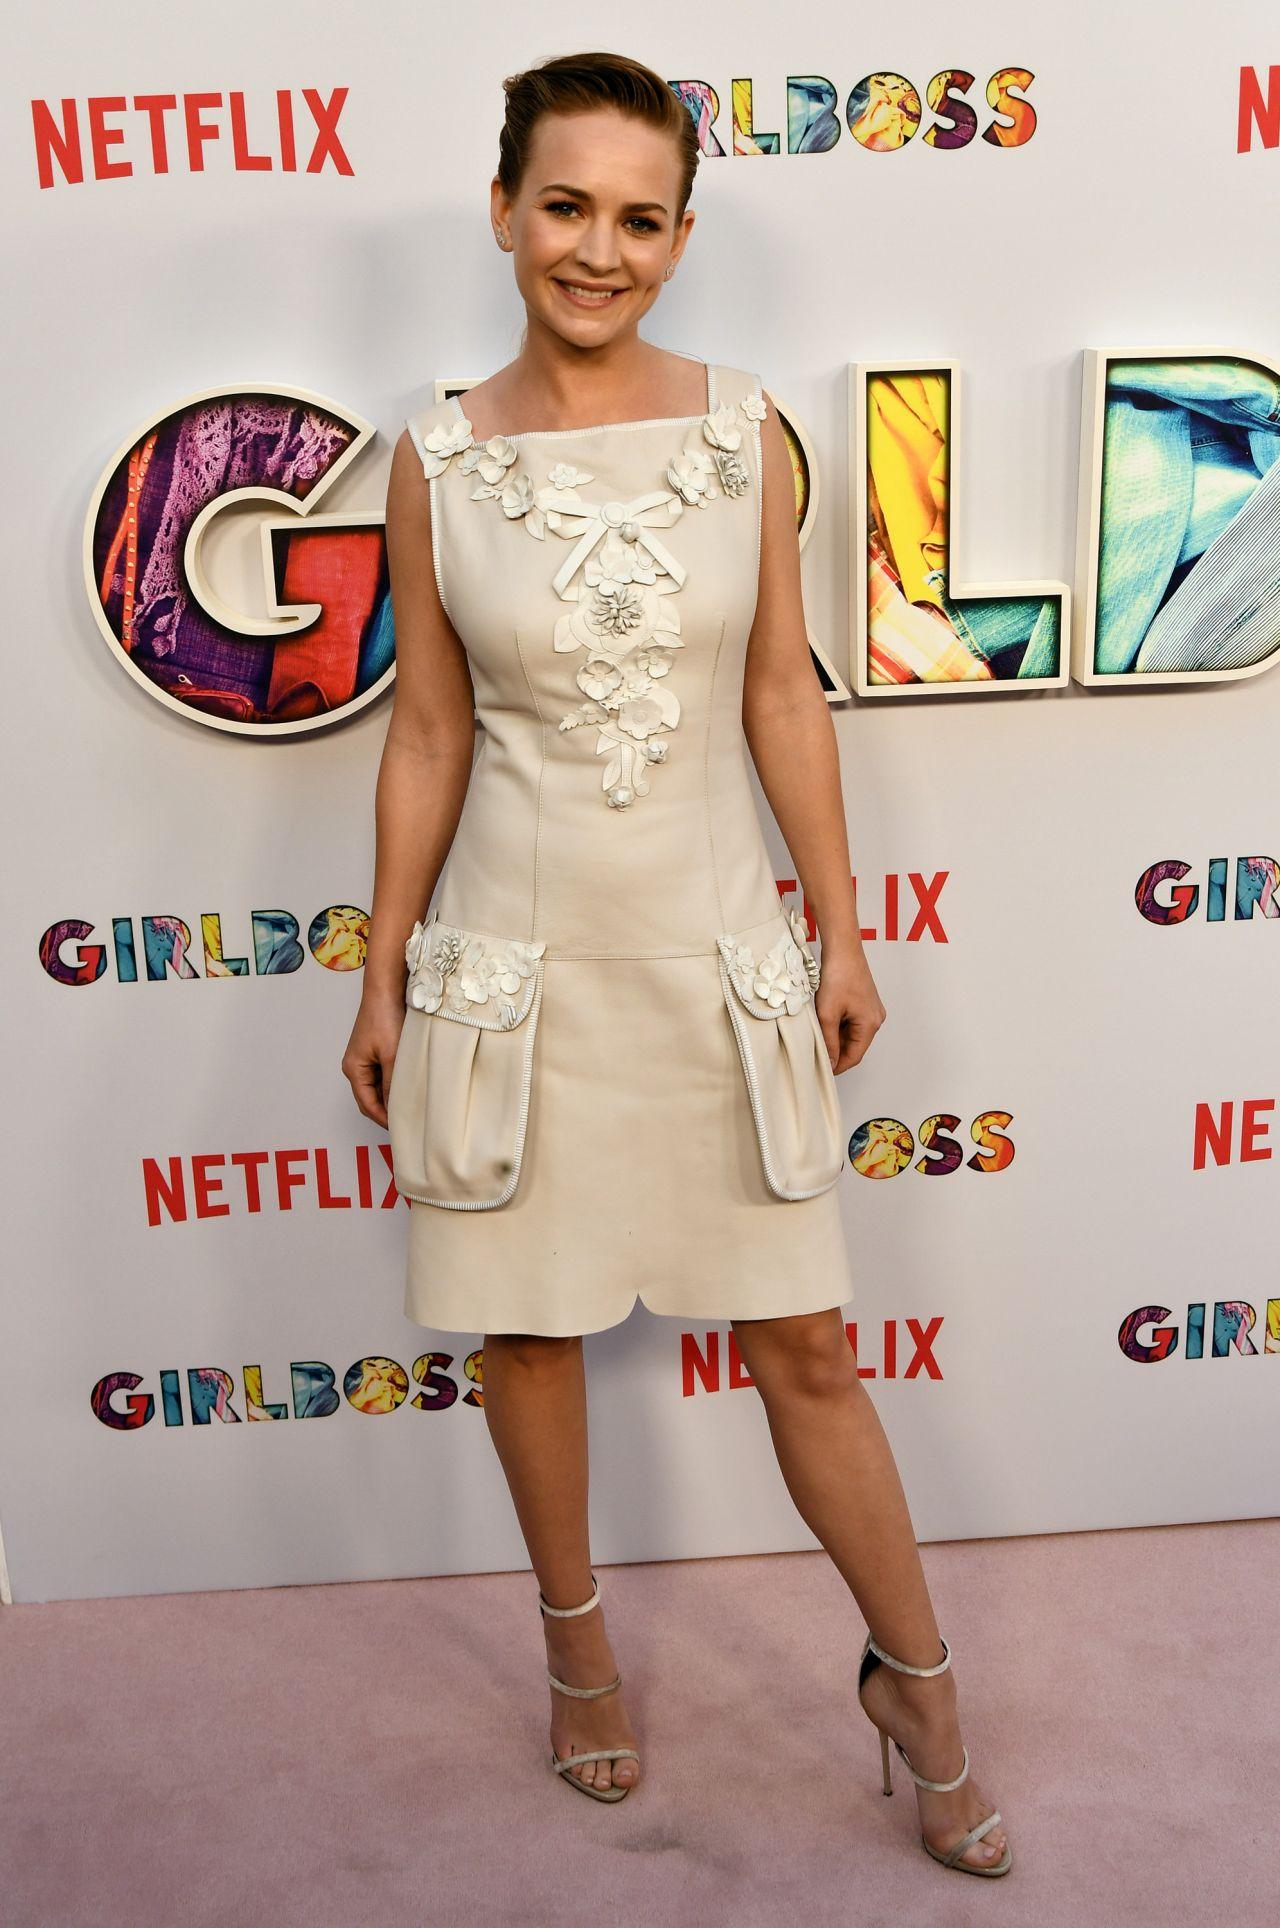 http://celebmafia.com/wp-content/uploads/2017/04/britt-robertson-girlboss-premiere-in-hollywood-4-17-2017-17.jpg